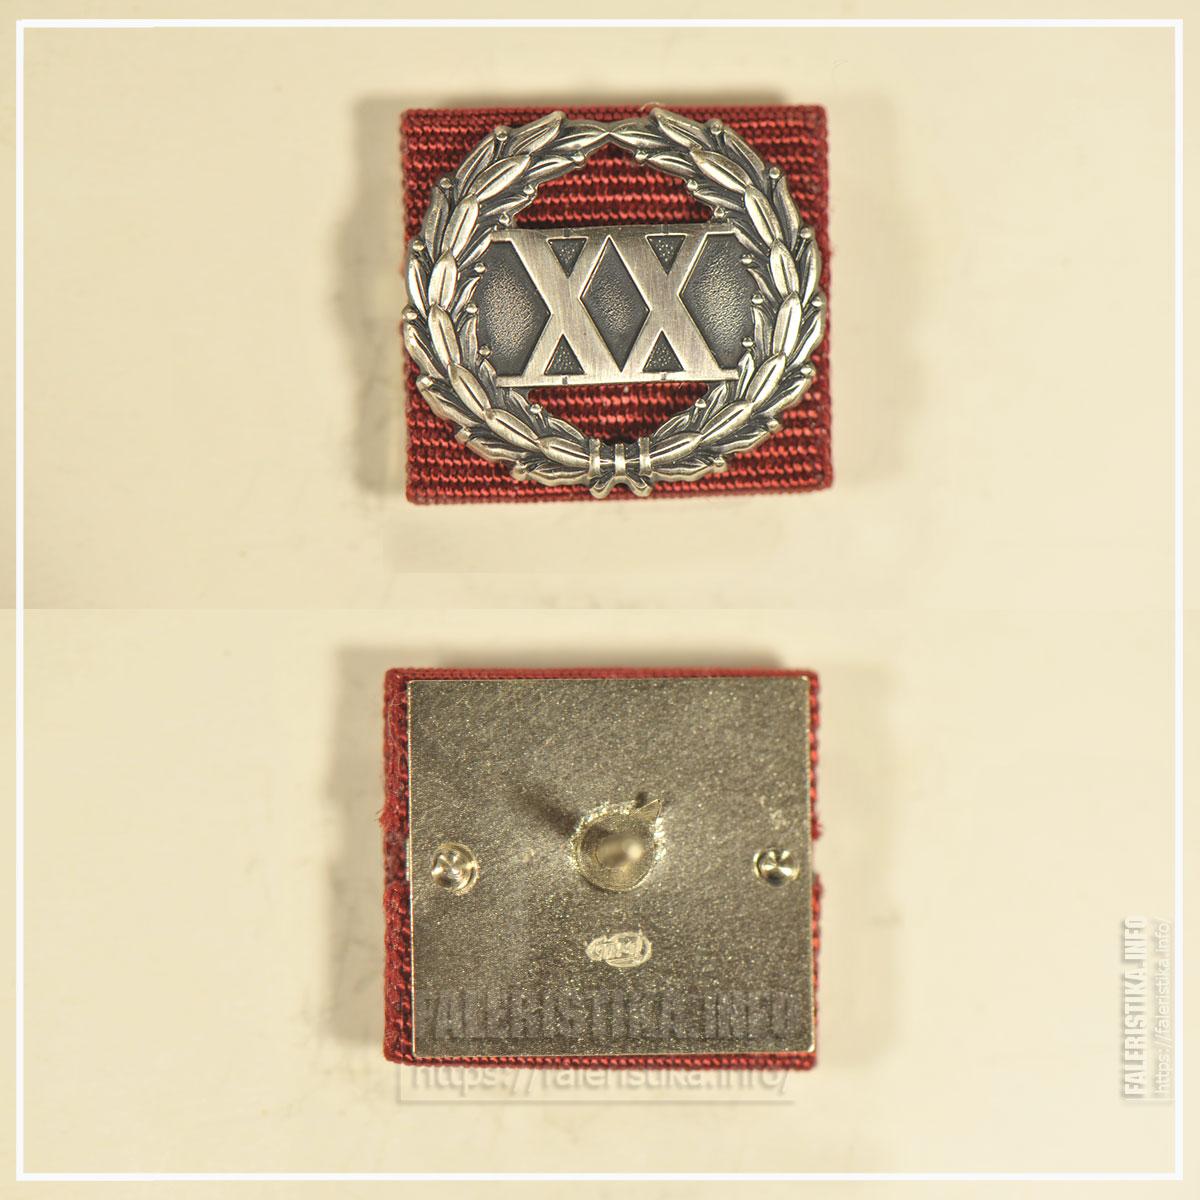 Знак отличия «За безупречную службу» XX (лет) (для гражданских служащих). Миниатюрная копия знака (фрачник). Санкт-Петербургский монетный двор